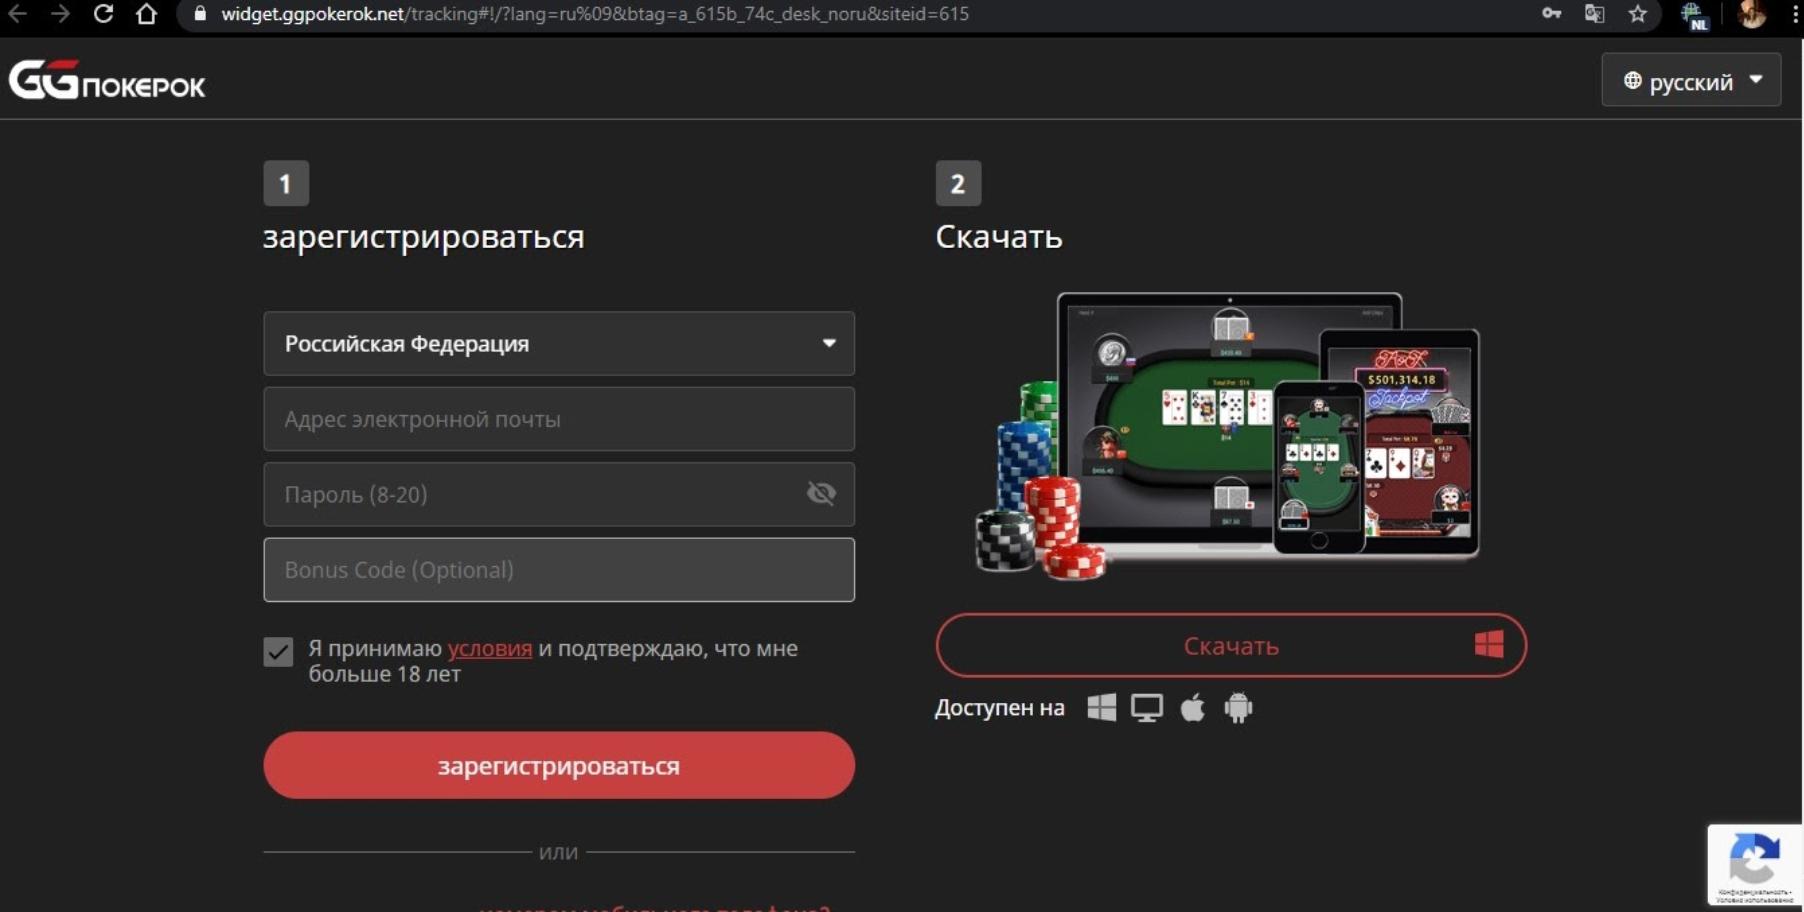 Как скачать и установить GGpokerok с официального сайта- Покер онлайн